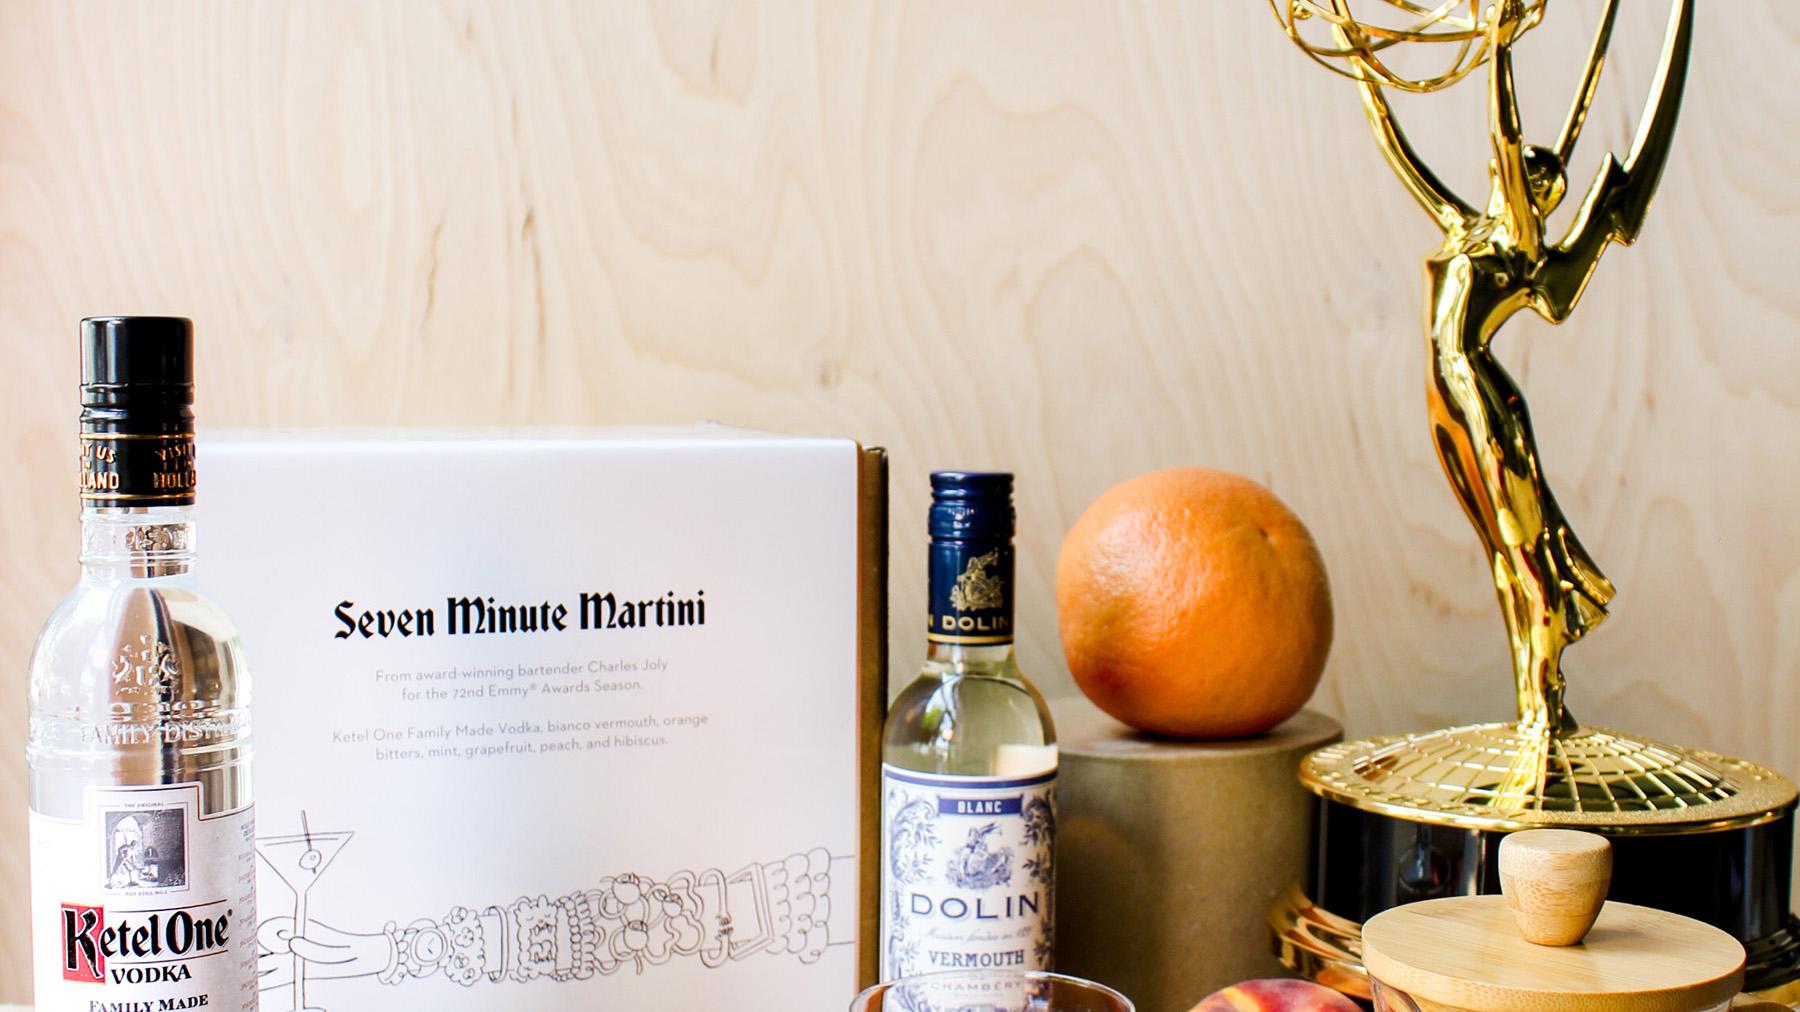 Ketel One Vodka x 72nd Emmy Awards Season